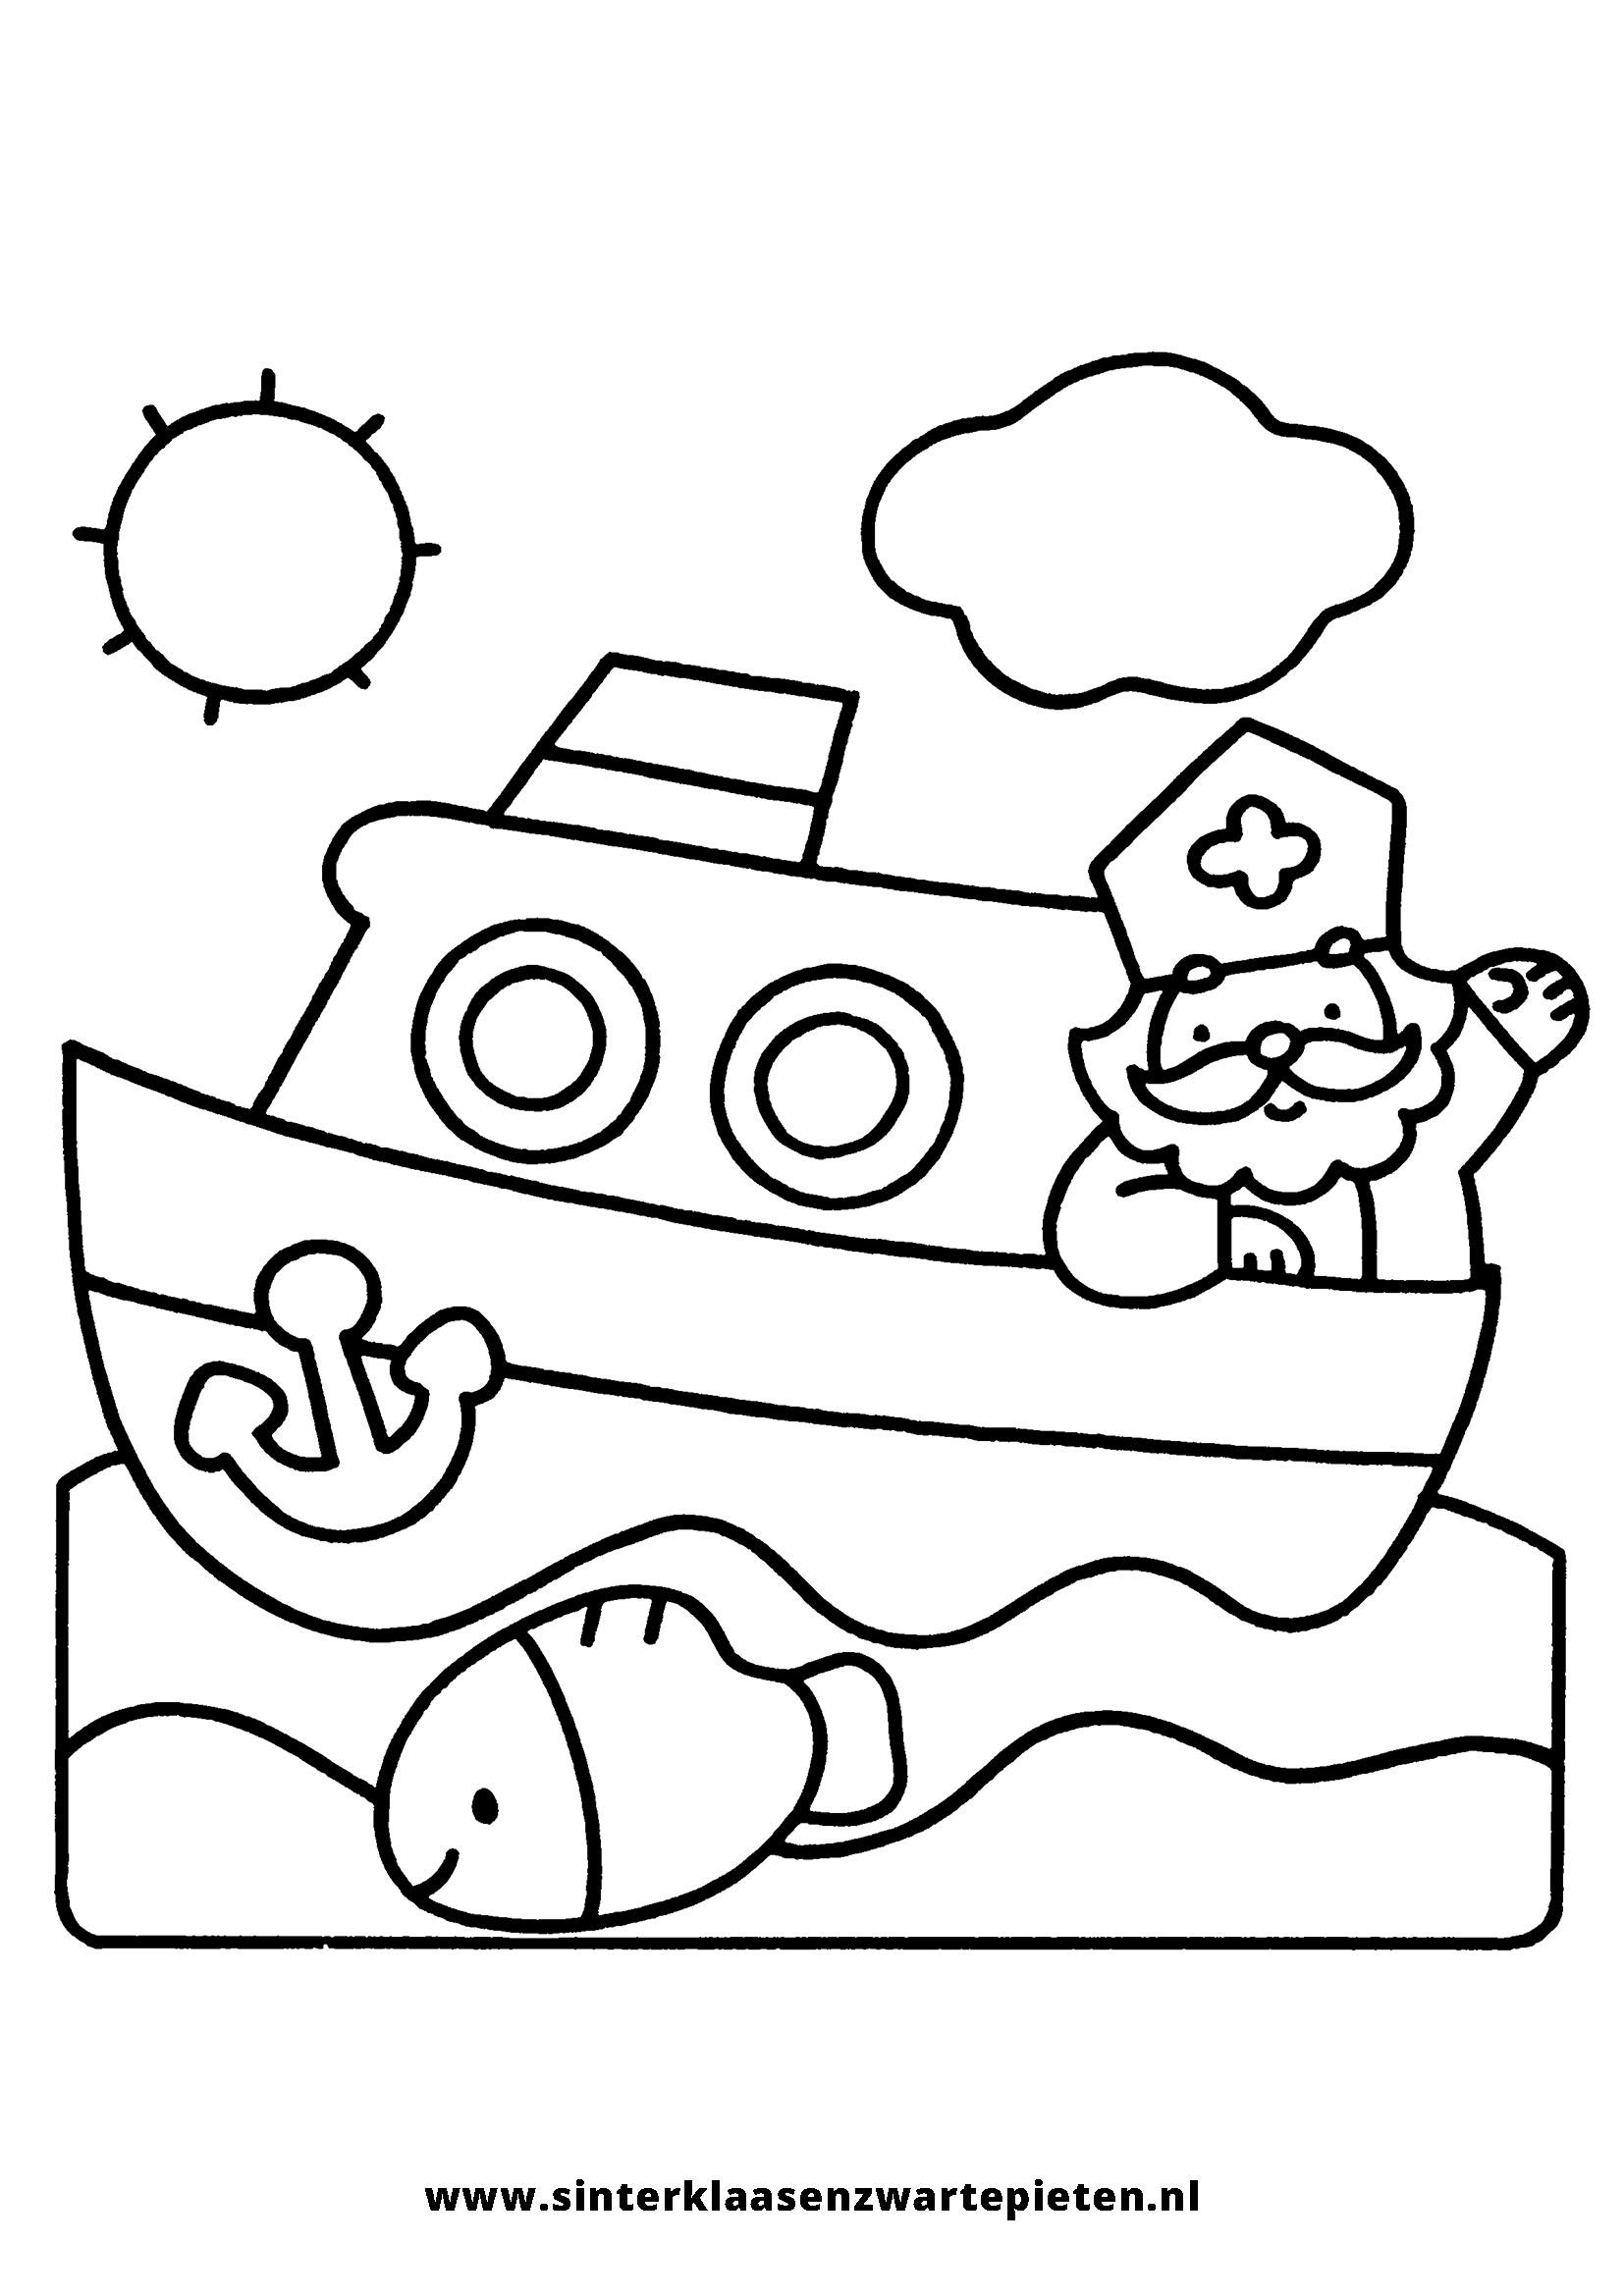 Kleurplaten Sinterklaas Zwarte Piet Stoomboot.Mooi Kleurplaten Sinterklaas Zwarte Piet Stoomboot Klupaats Website